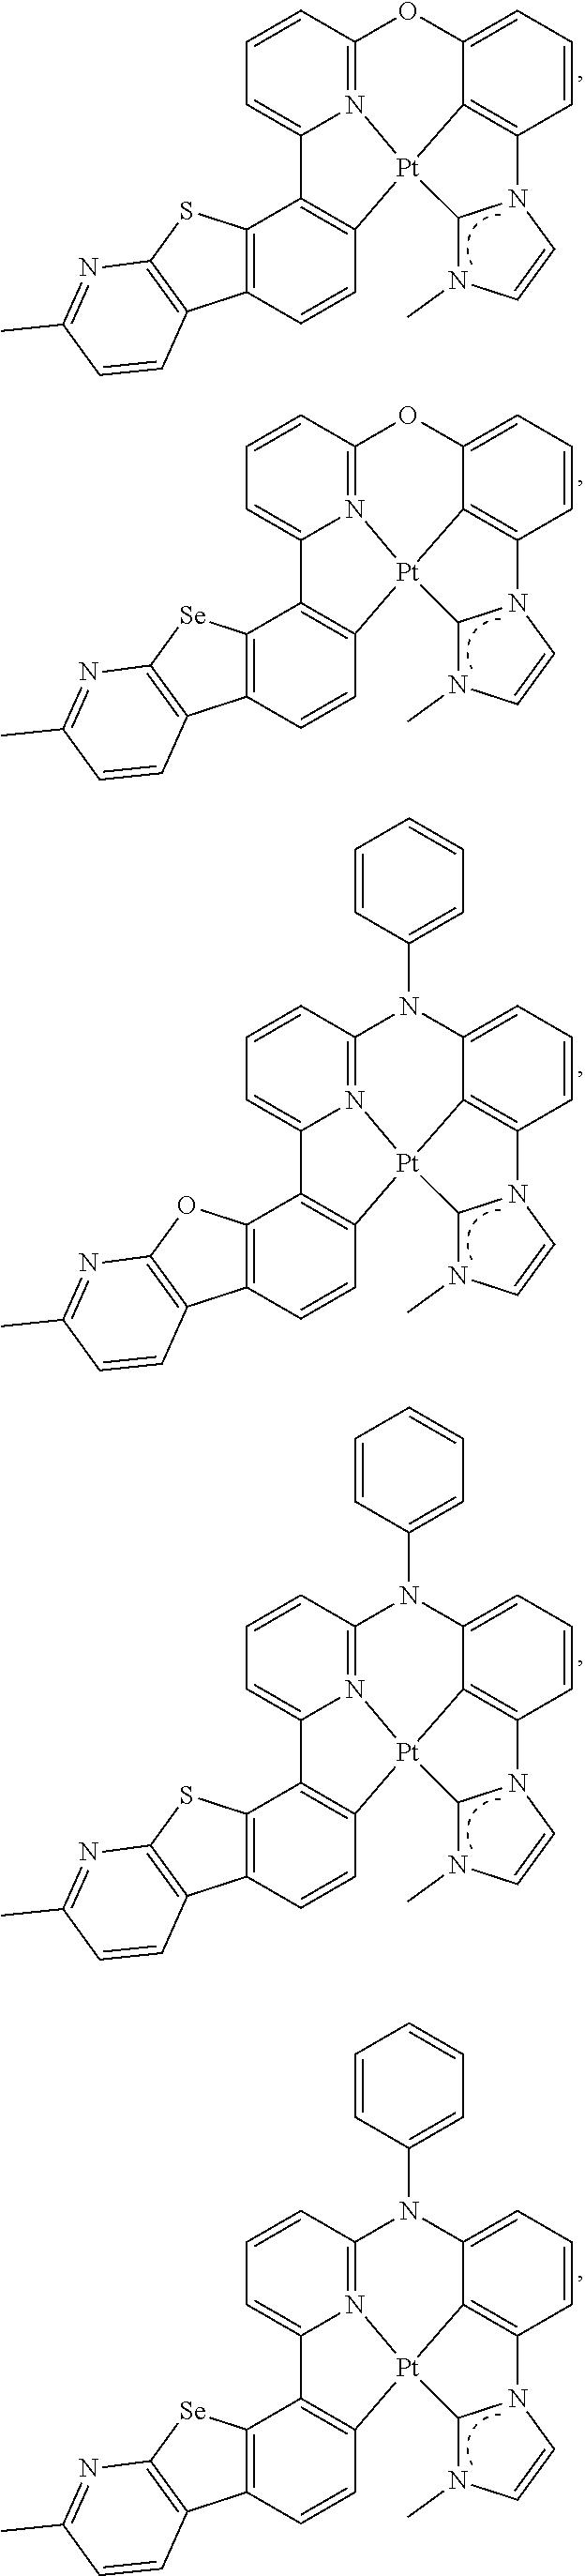 Figure US09871214-20180116-C00045